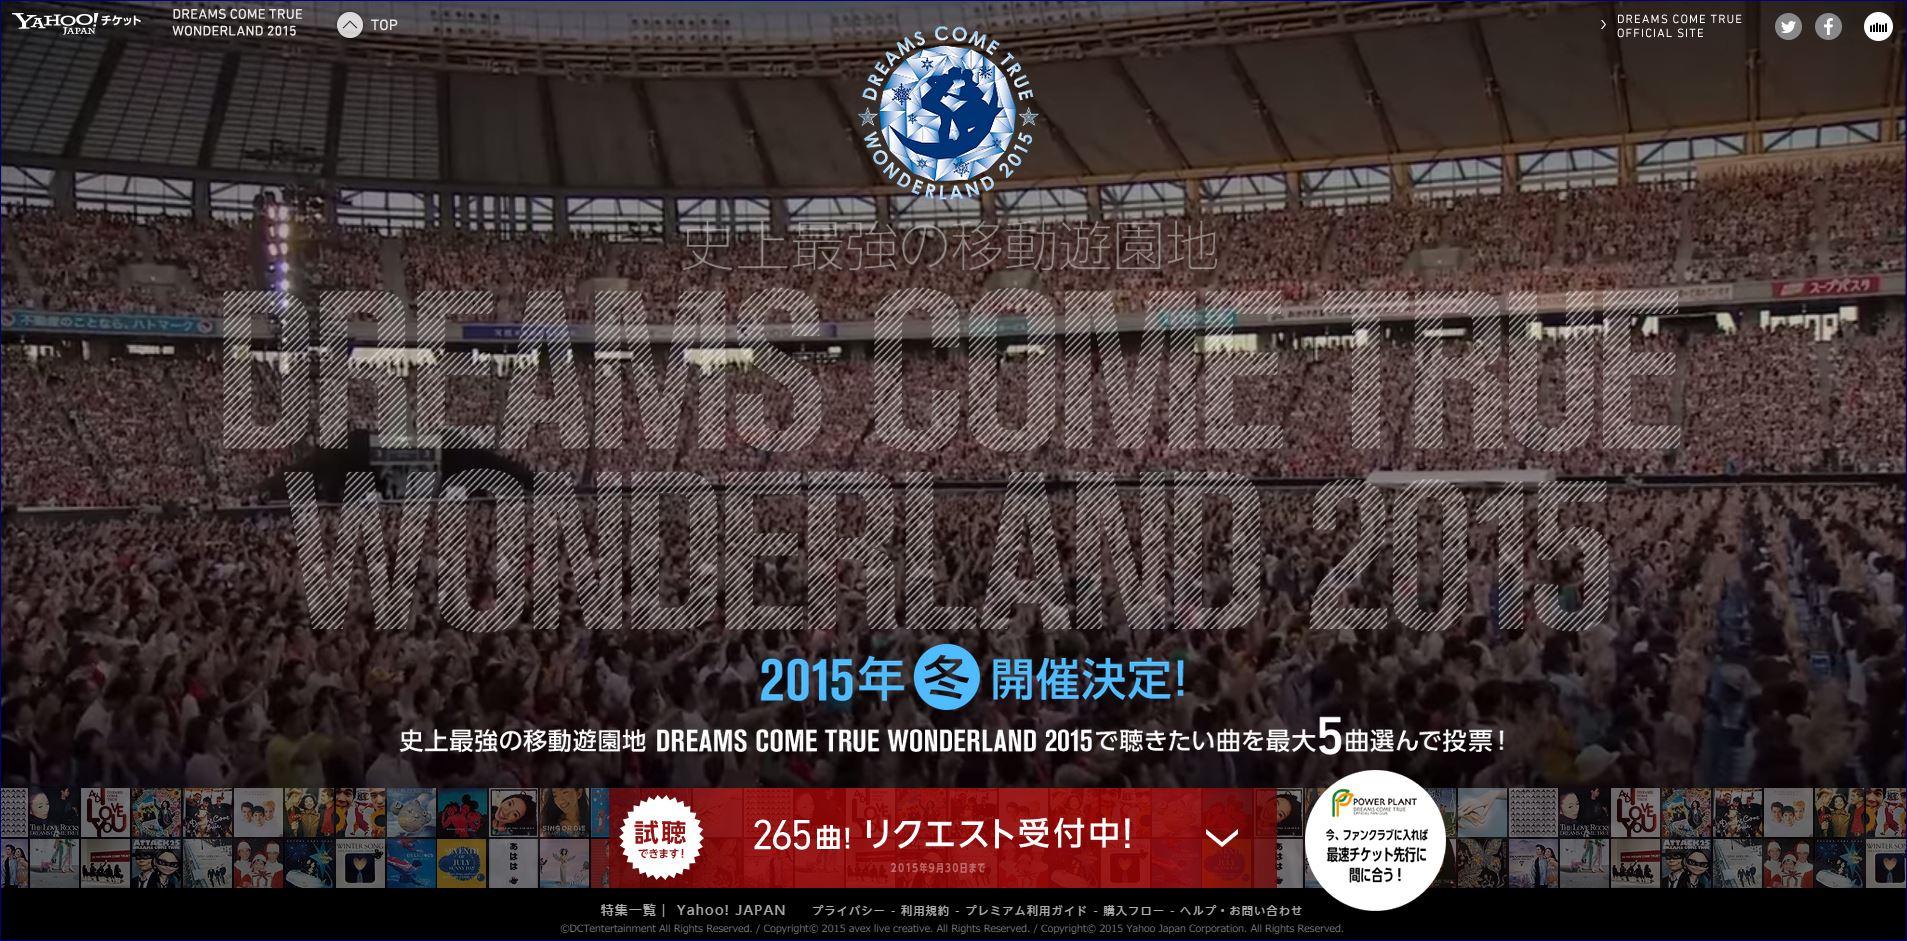 NekoPOP-Dreams-Come-True-Wonderland-2015-tickets-Yahoo